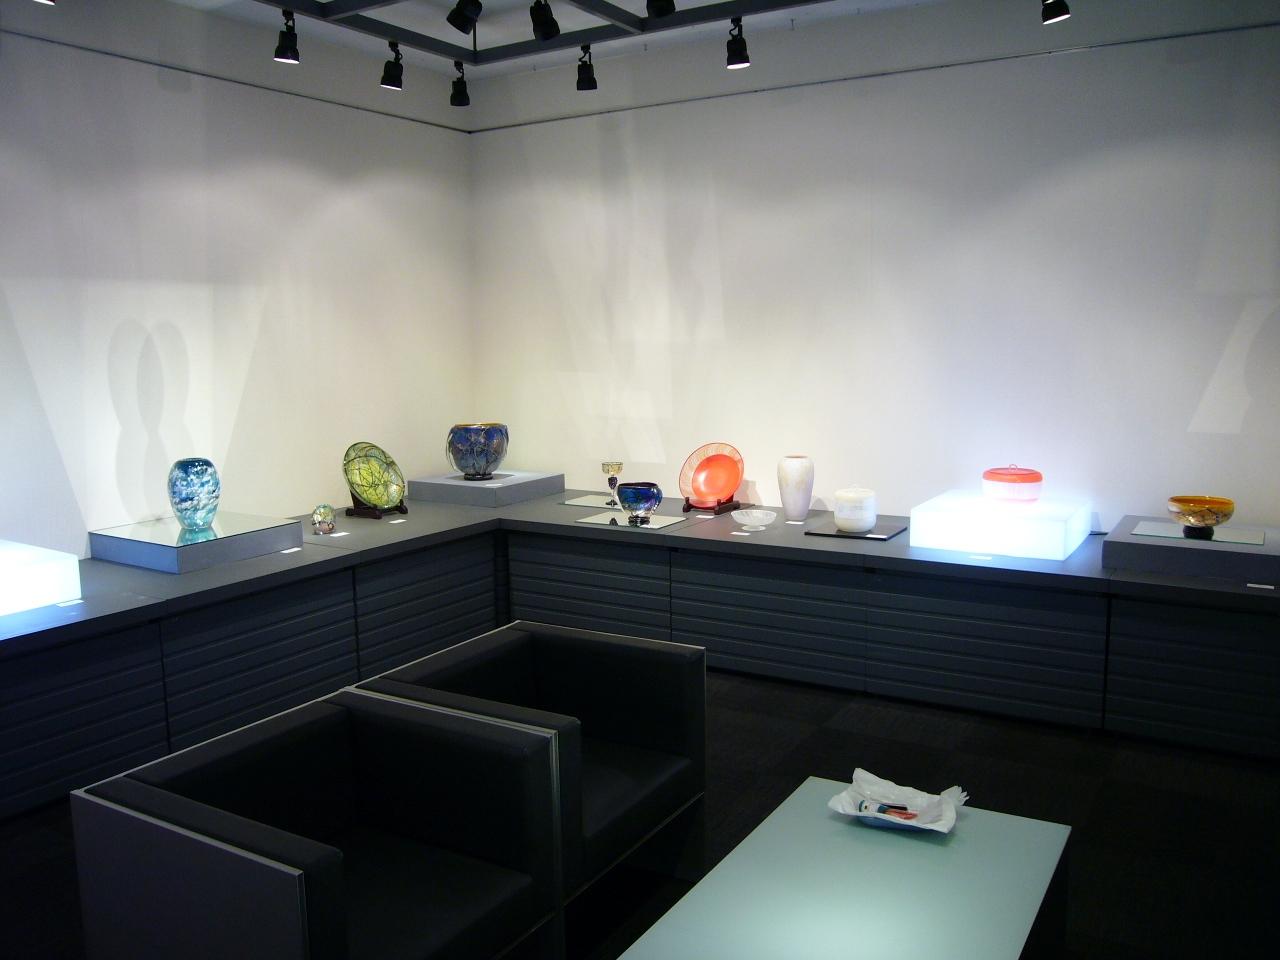 2011年 玉川高島屋アートサロンにて